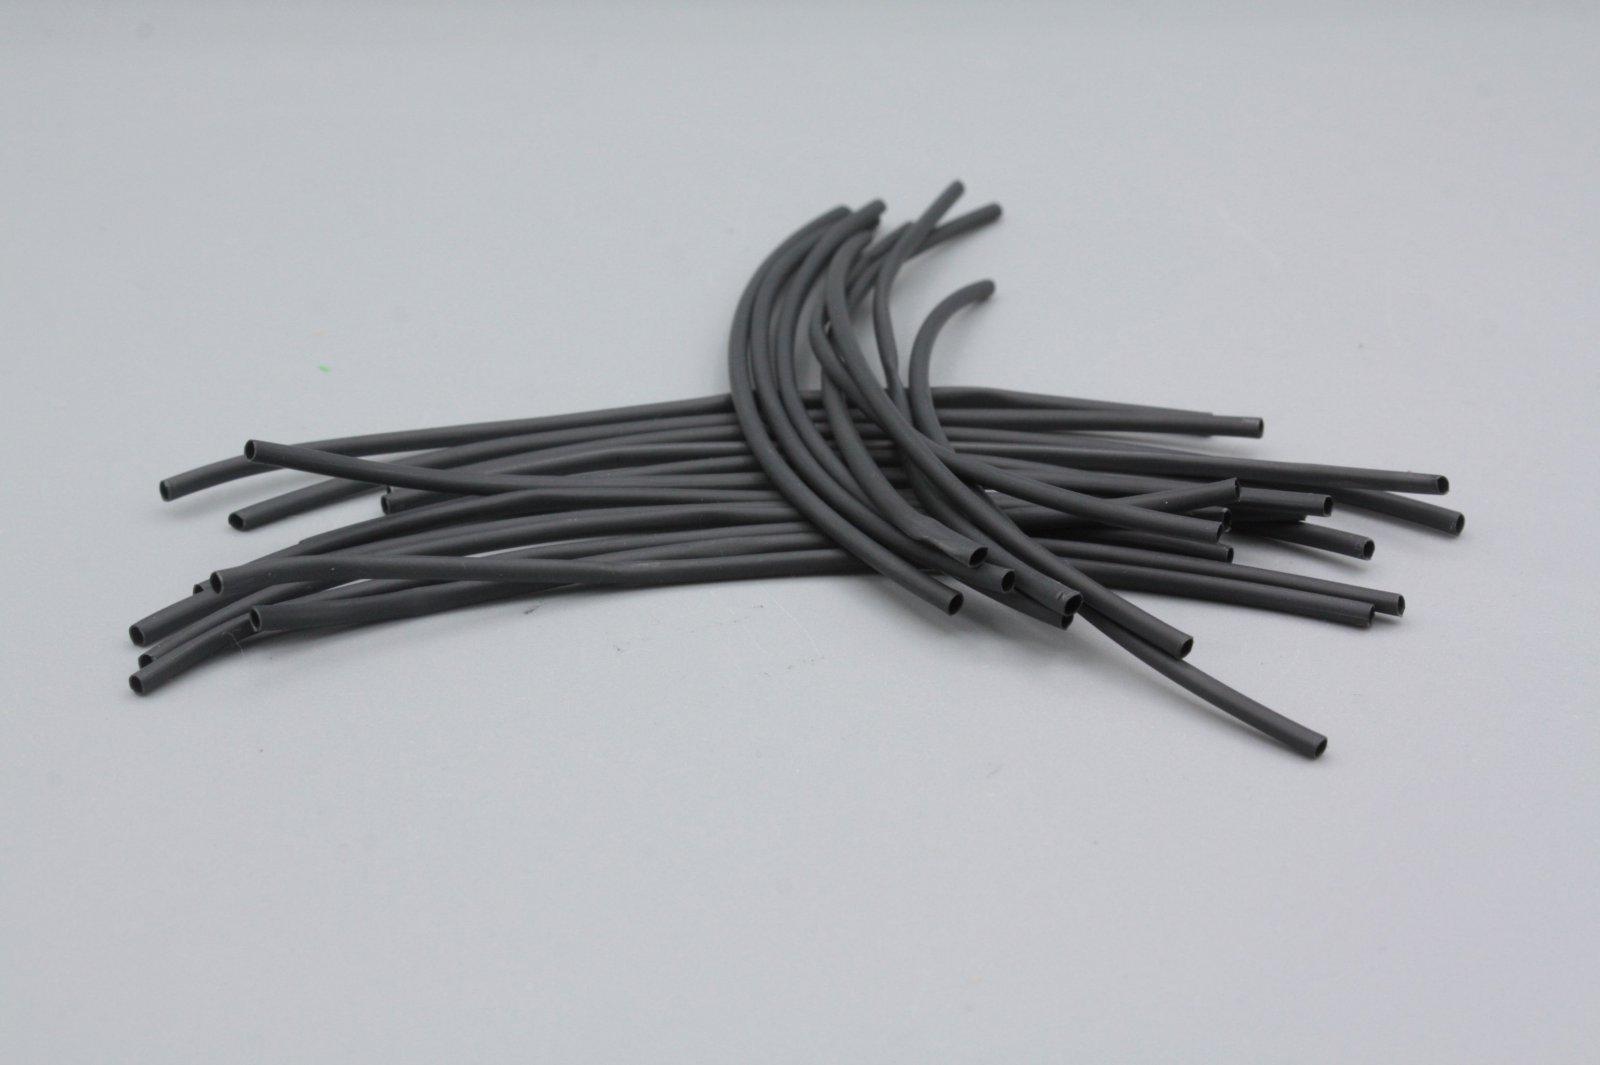 Schrumpfschlauch 1,5 mm  schwarz  2m in Stücken je 10 cm